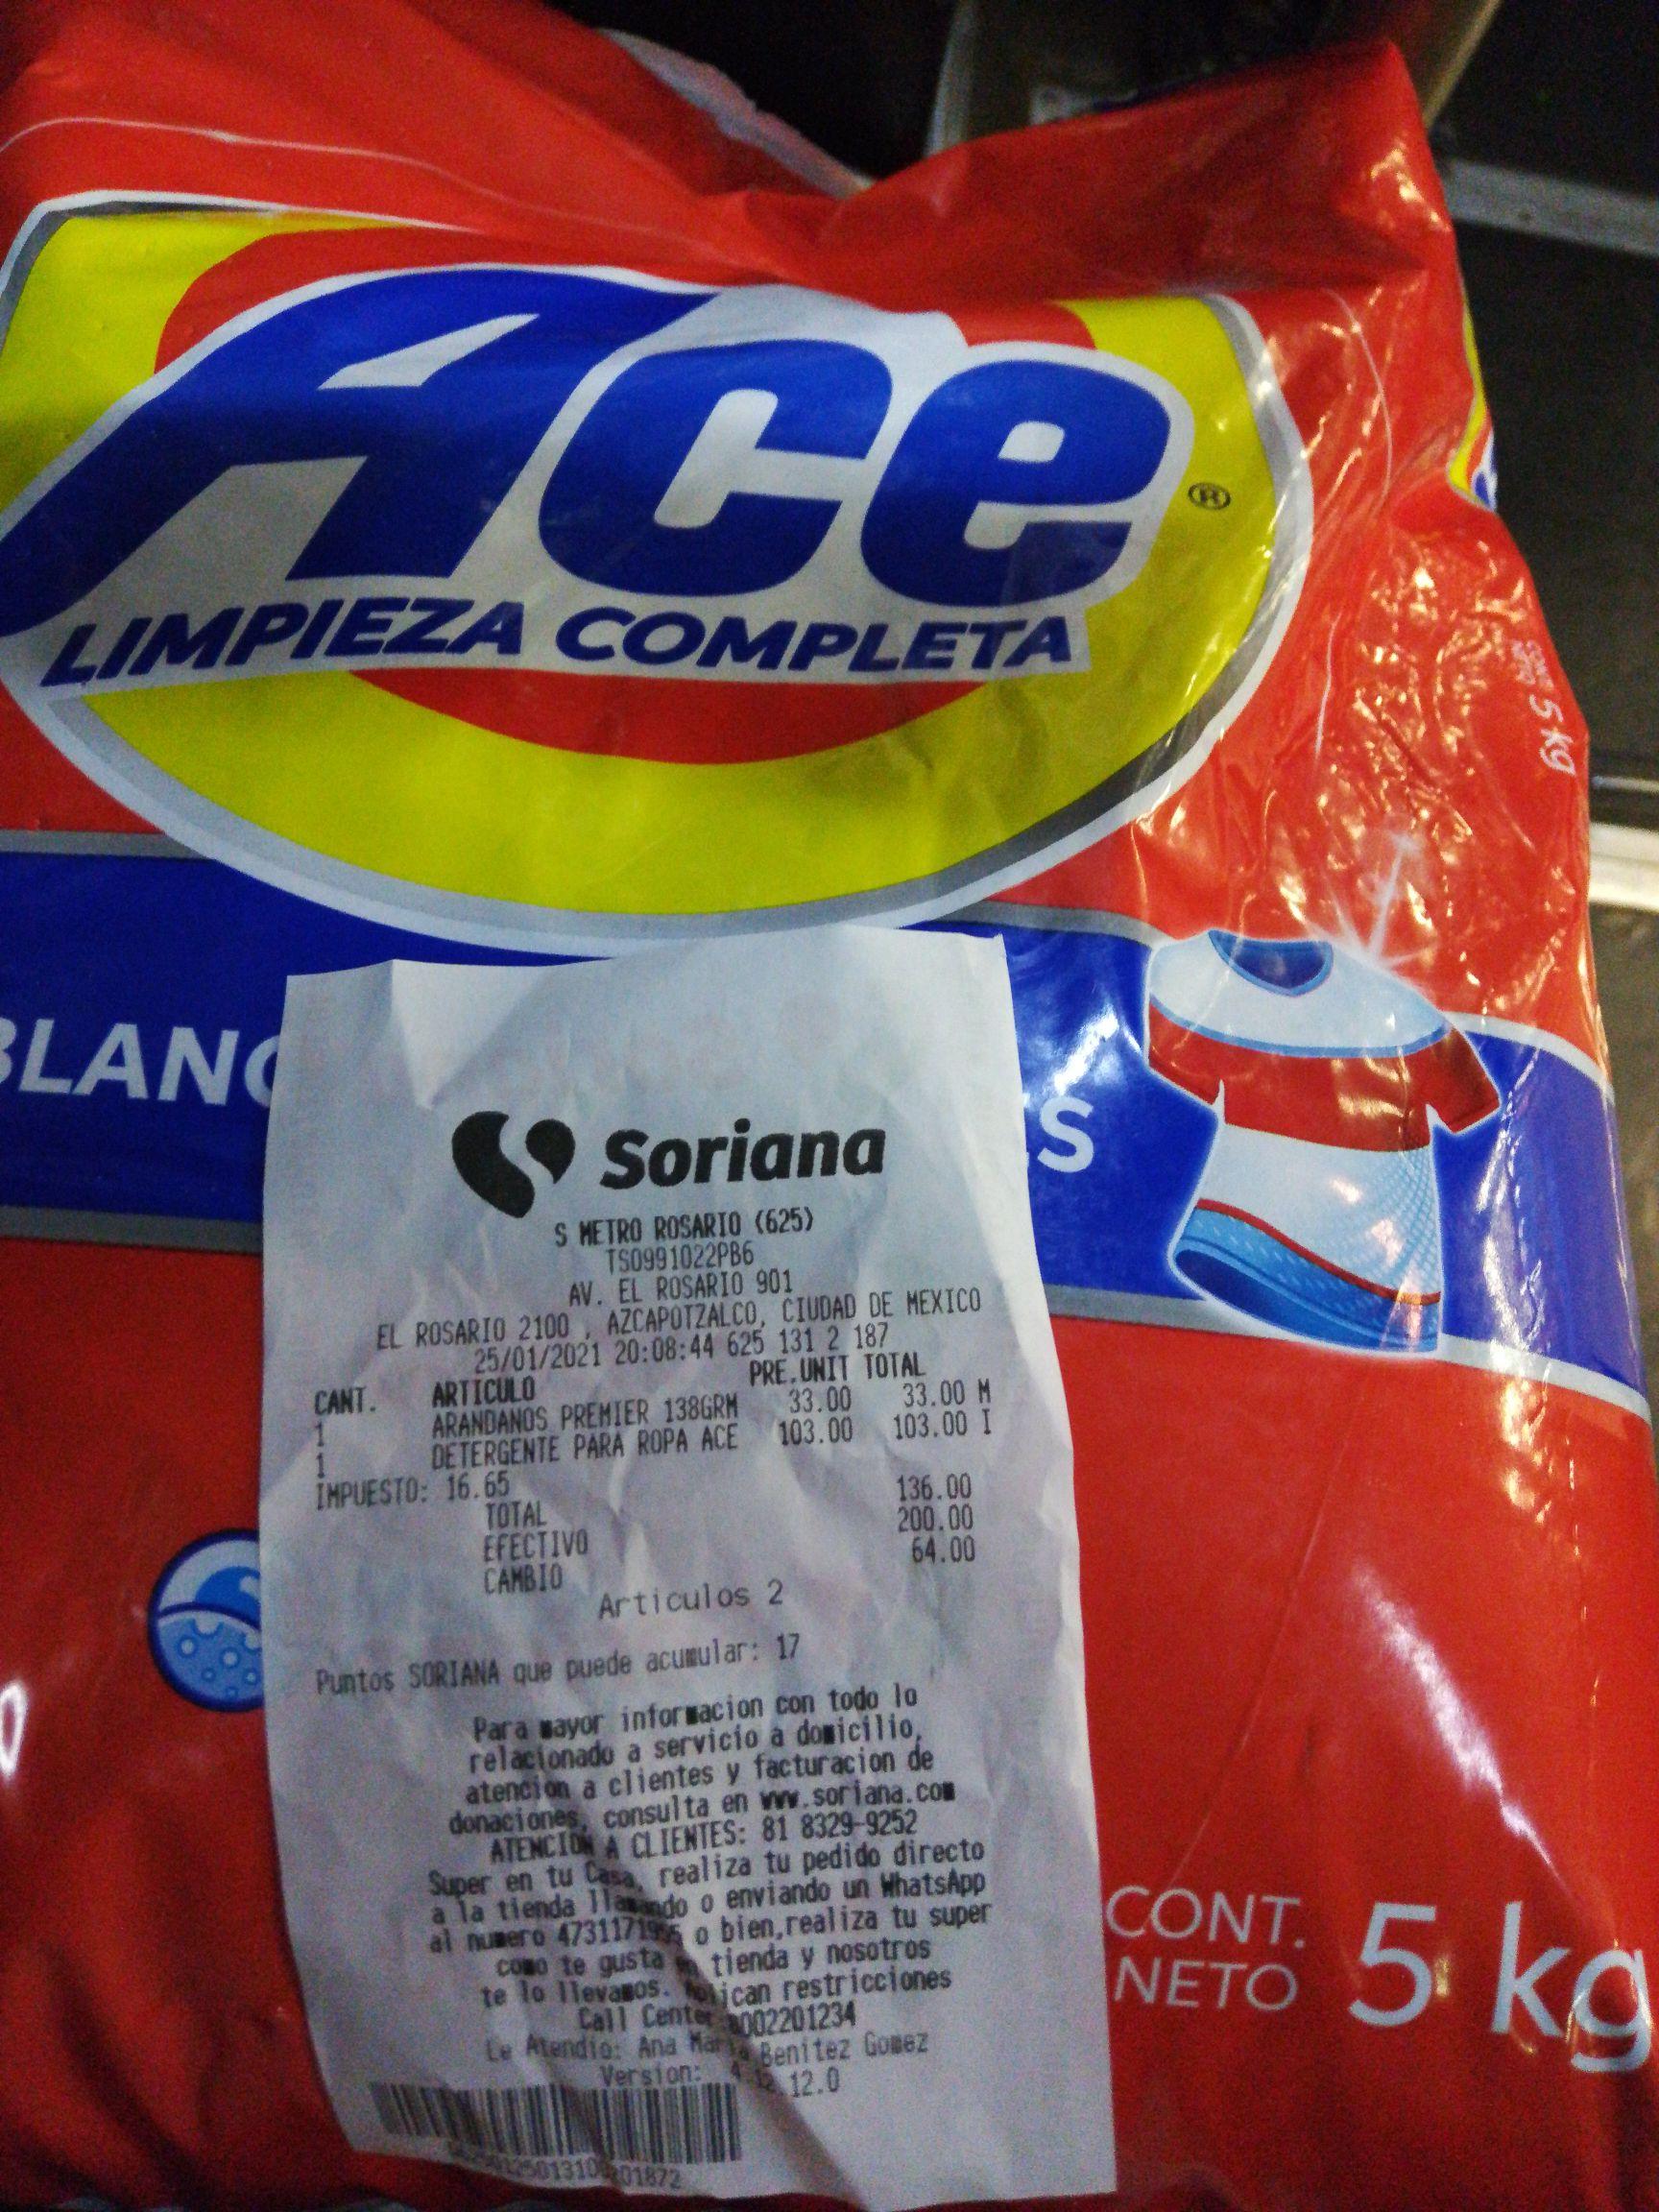 Soriana: Detergente en polvo Ace Blancos y Colores 5Kg